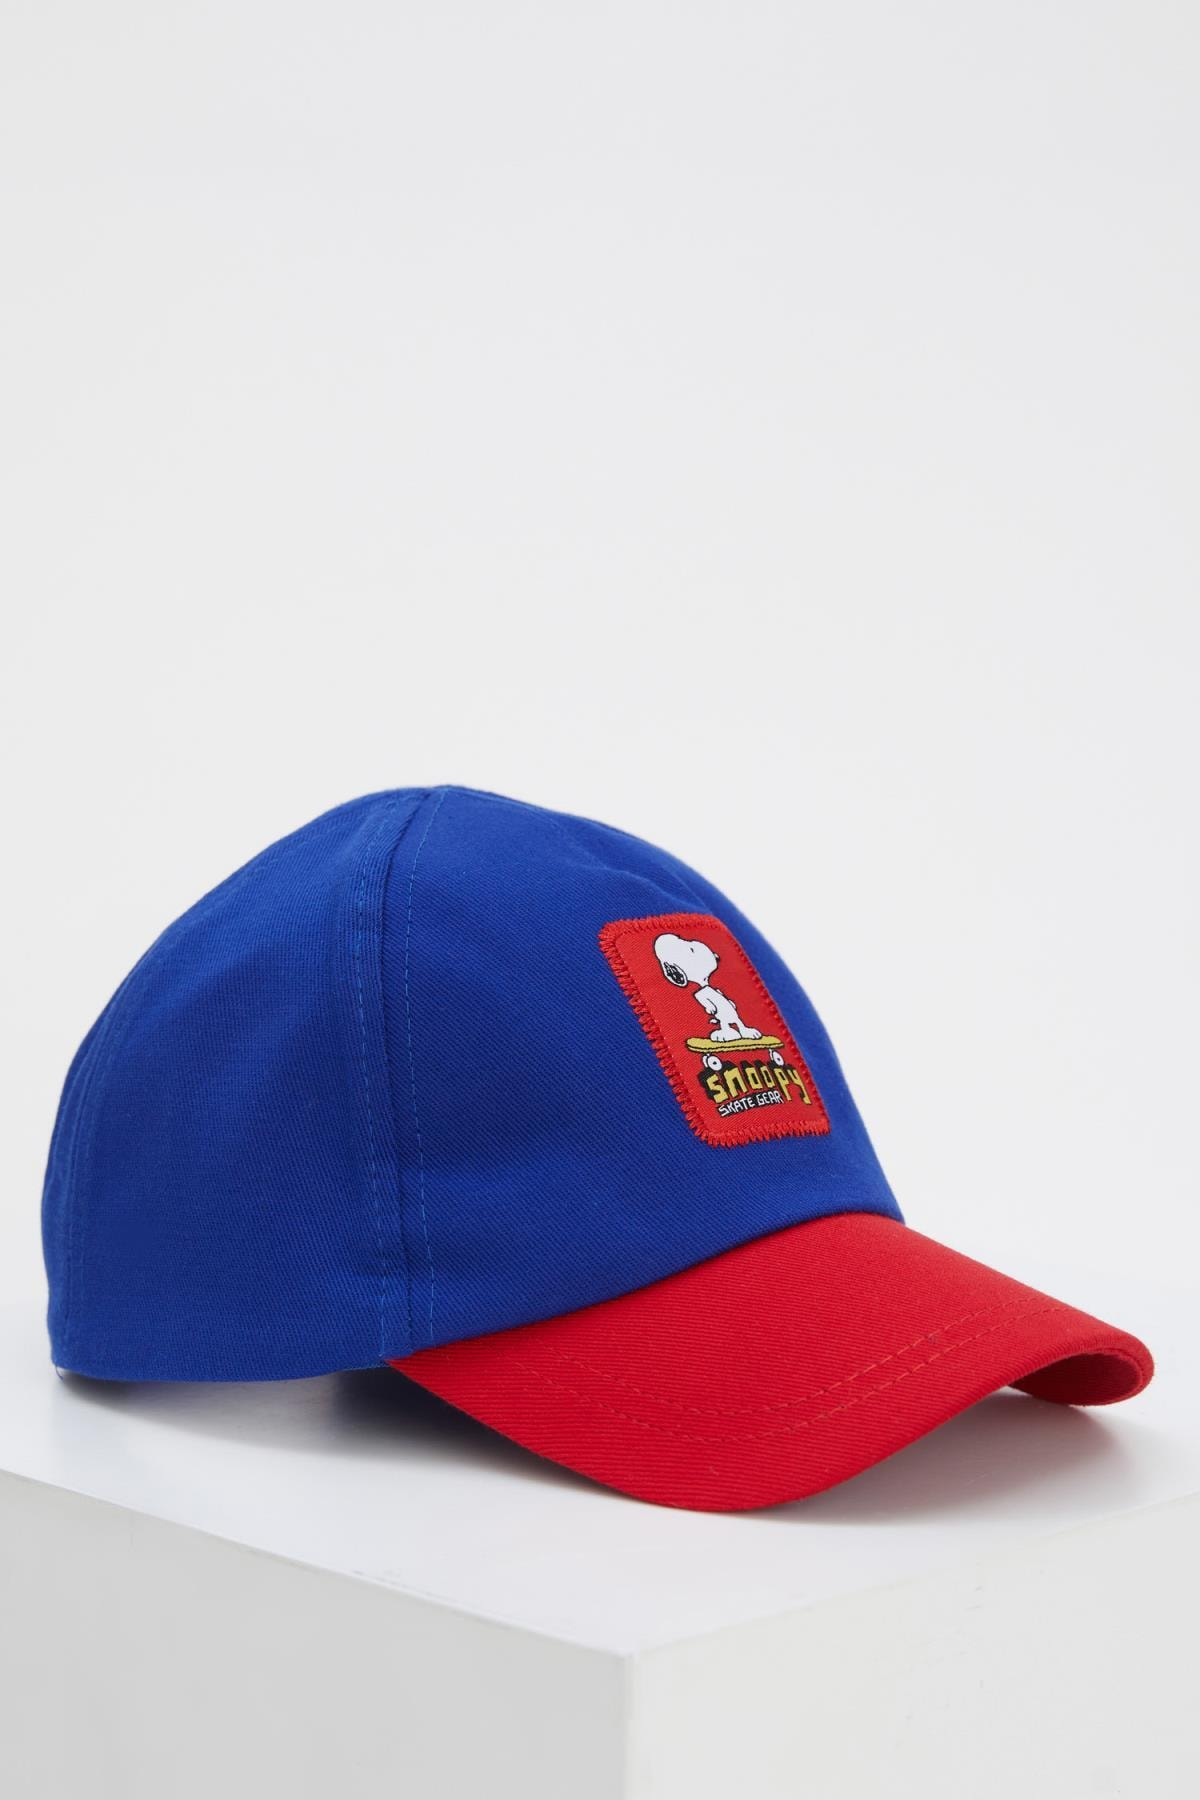 Erkek Çocuk Snoopy Lisanslı Baseball Şapka